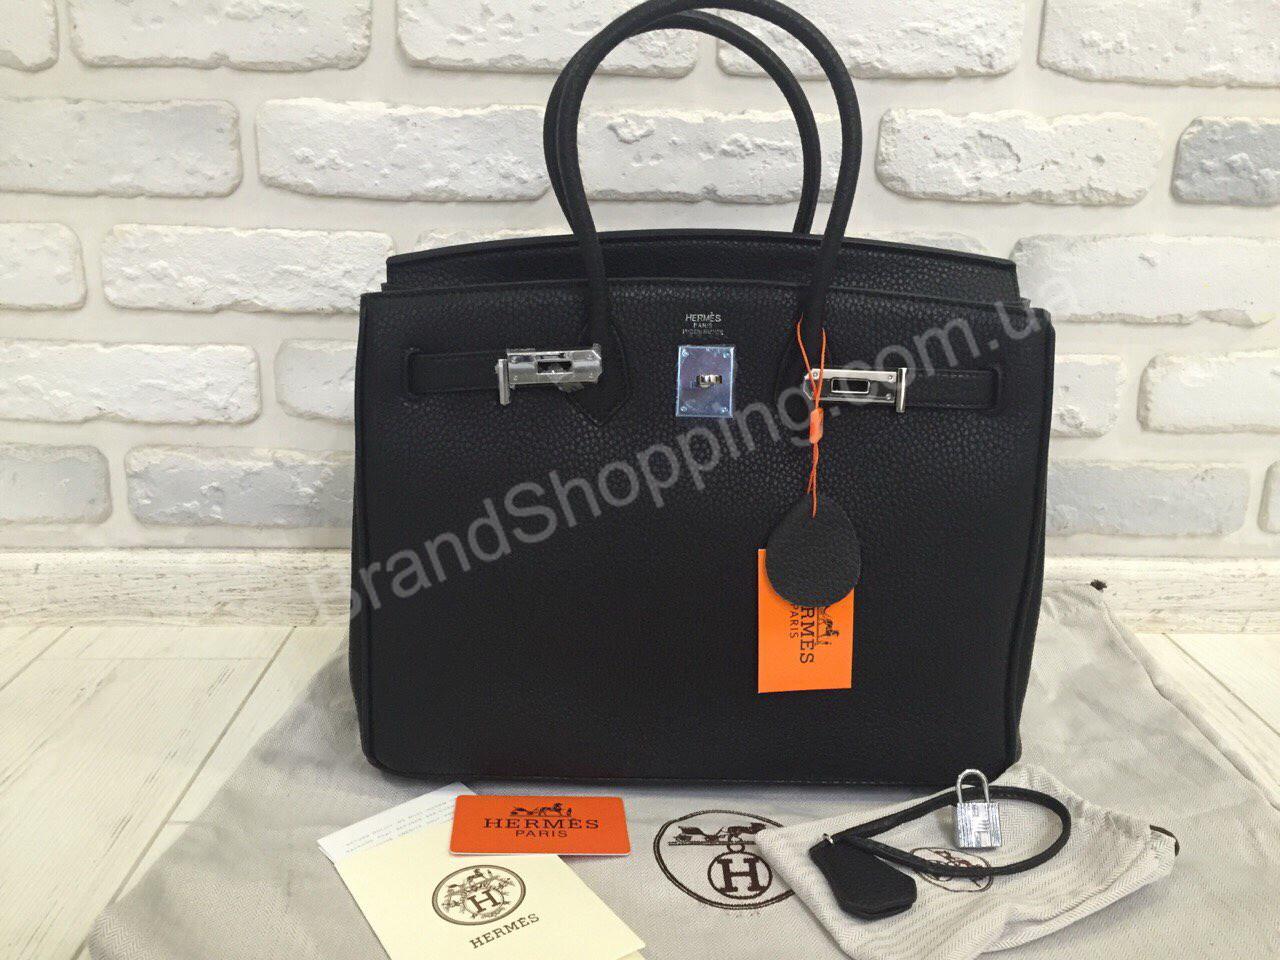 ba2317281c0a Кожаная сумка Hermes Birkin 0292s black, цена 2 950 грн., купить в ...